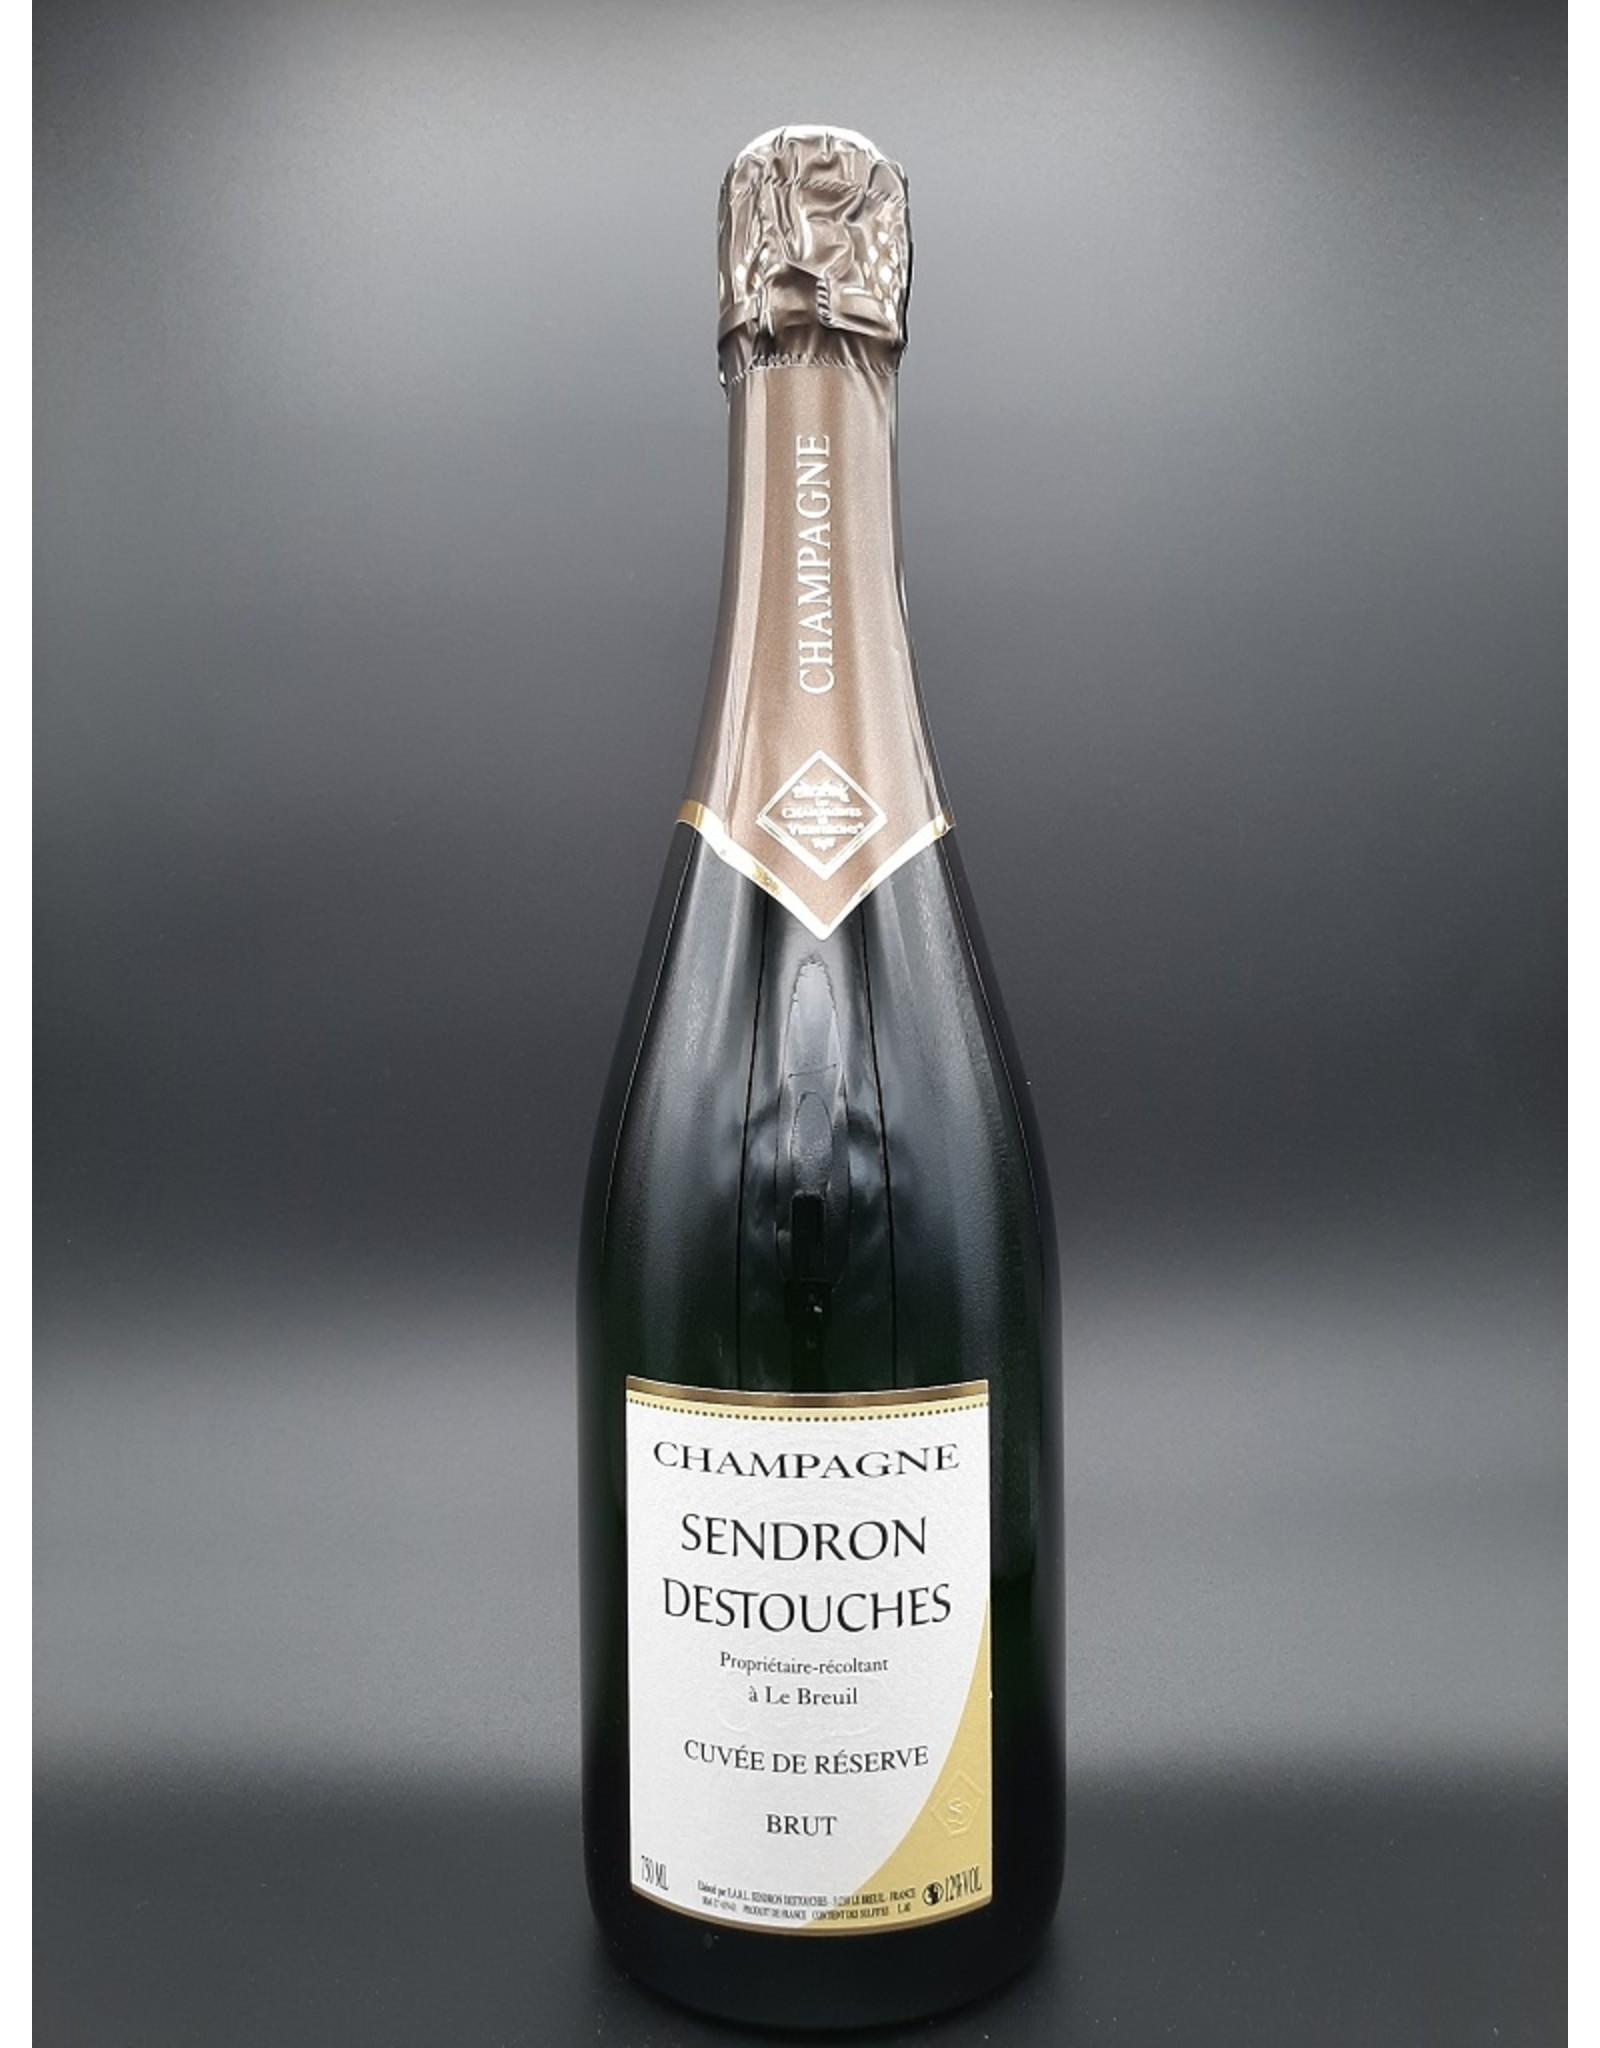 Champagne Sendron-Destouches Champagne cuvée de réserve brut